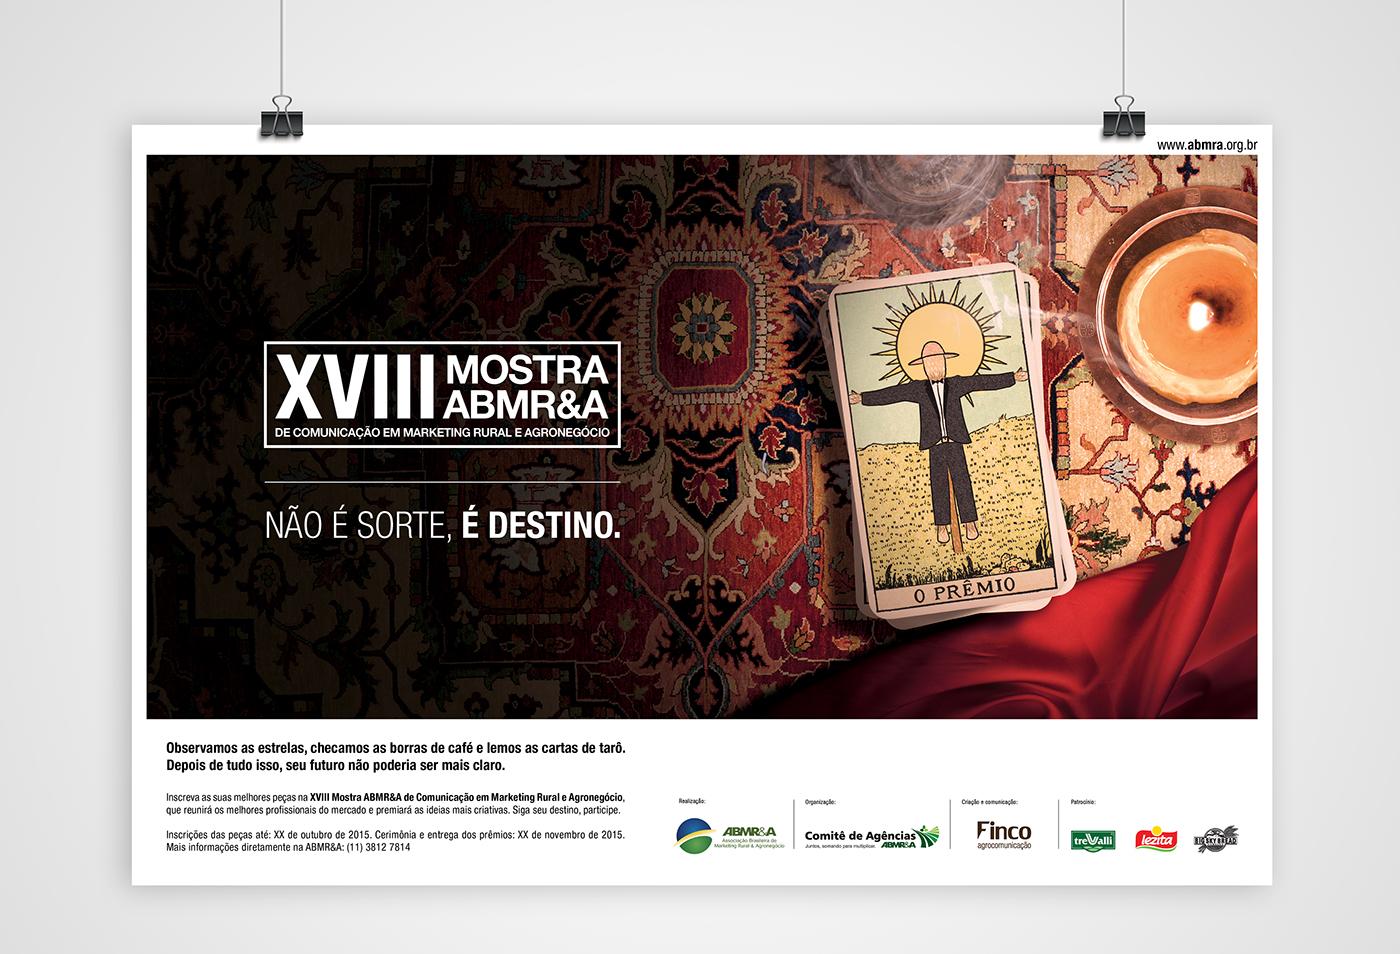 abmr&a conceito Direção de arte publicidade premio marketing   rural Agronegócio